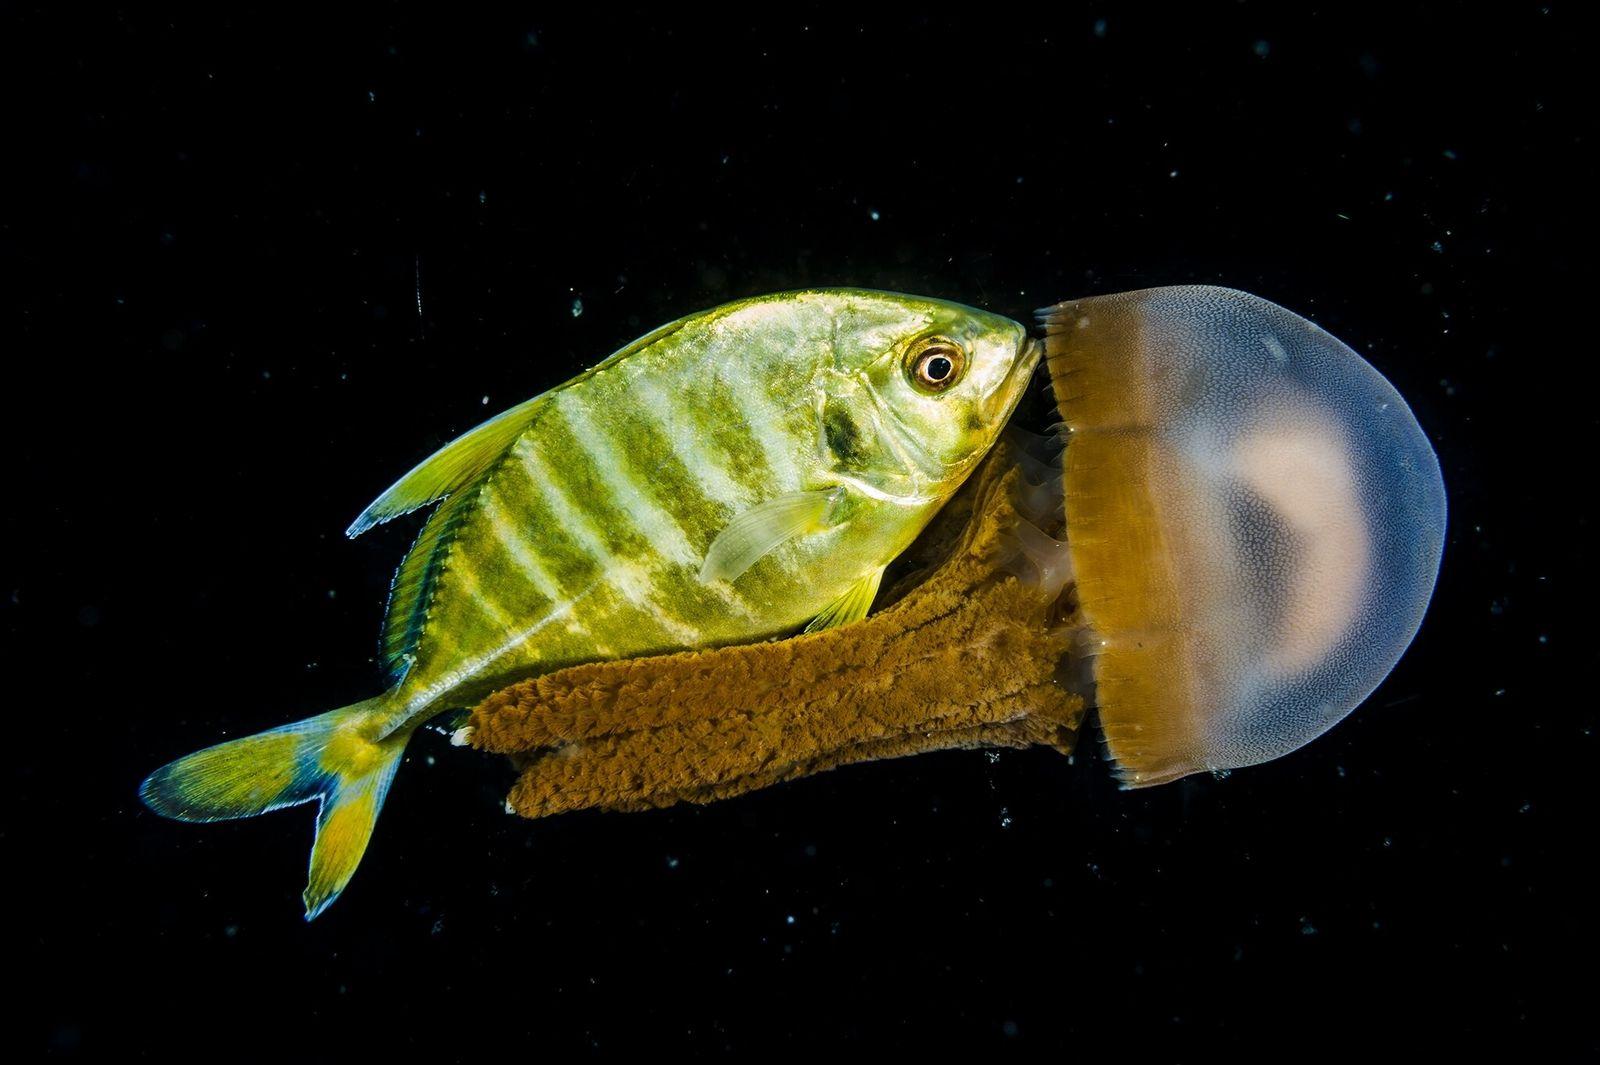 Fotografía de un jurel juvenil y una medusa